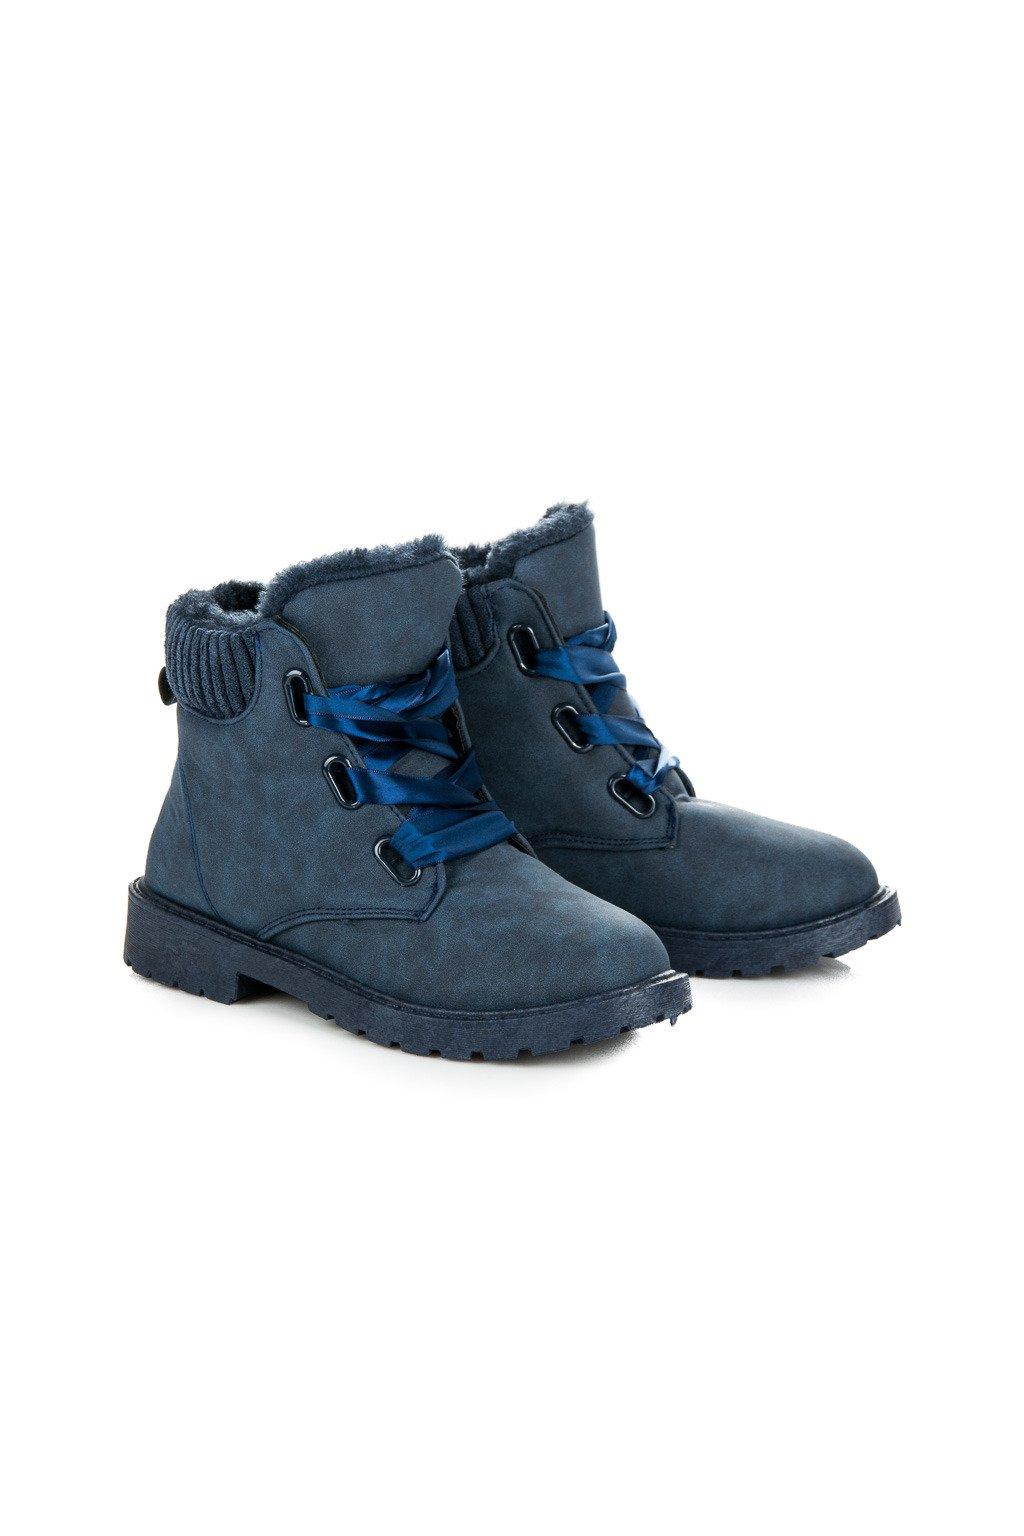 Modré topánky na zimu Drahomíra 33PT01AZ